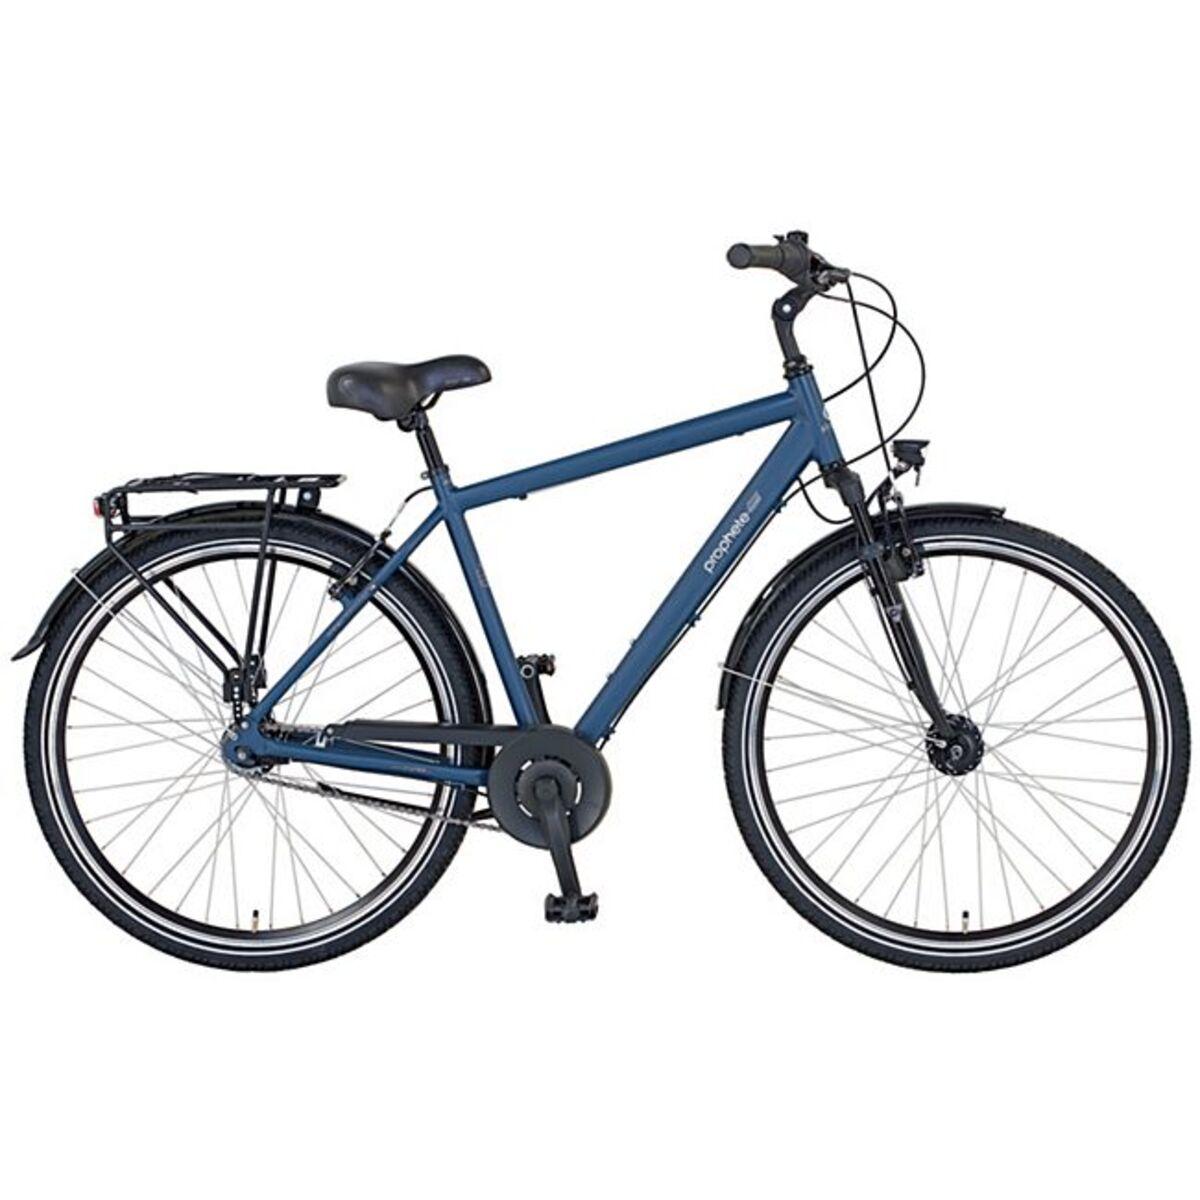 """Bild 1 von PROPHETE GENIESSER 21.BMC.10 City Bike 28"""" Herren Diamant"""